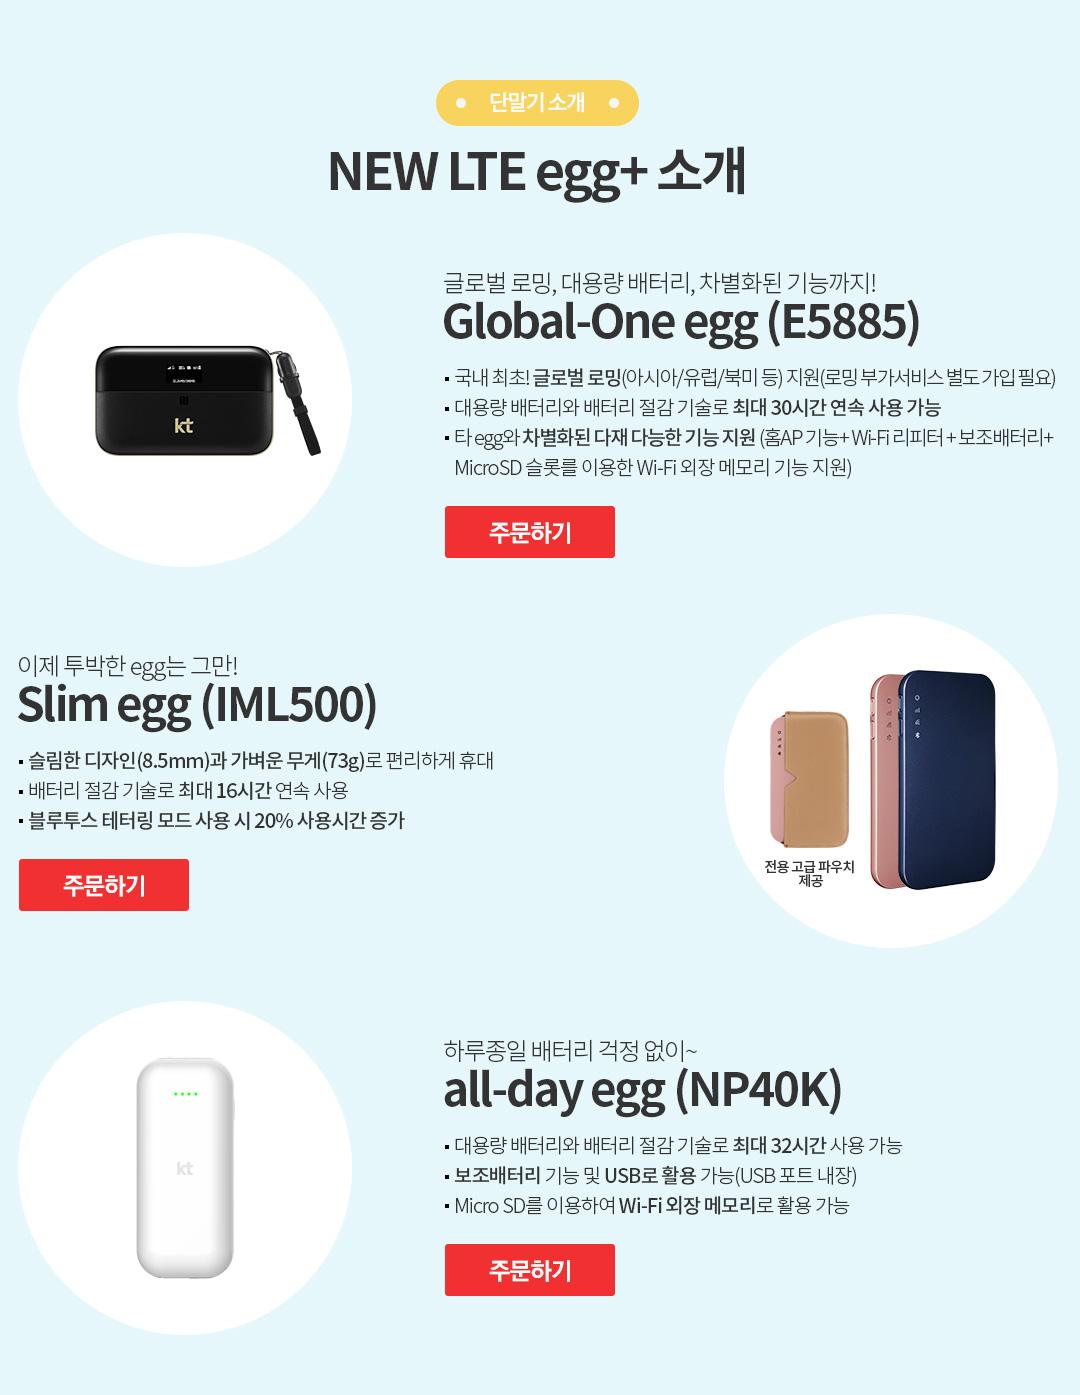 단말기 소개 - NEW LTE egg+ 소개